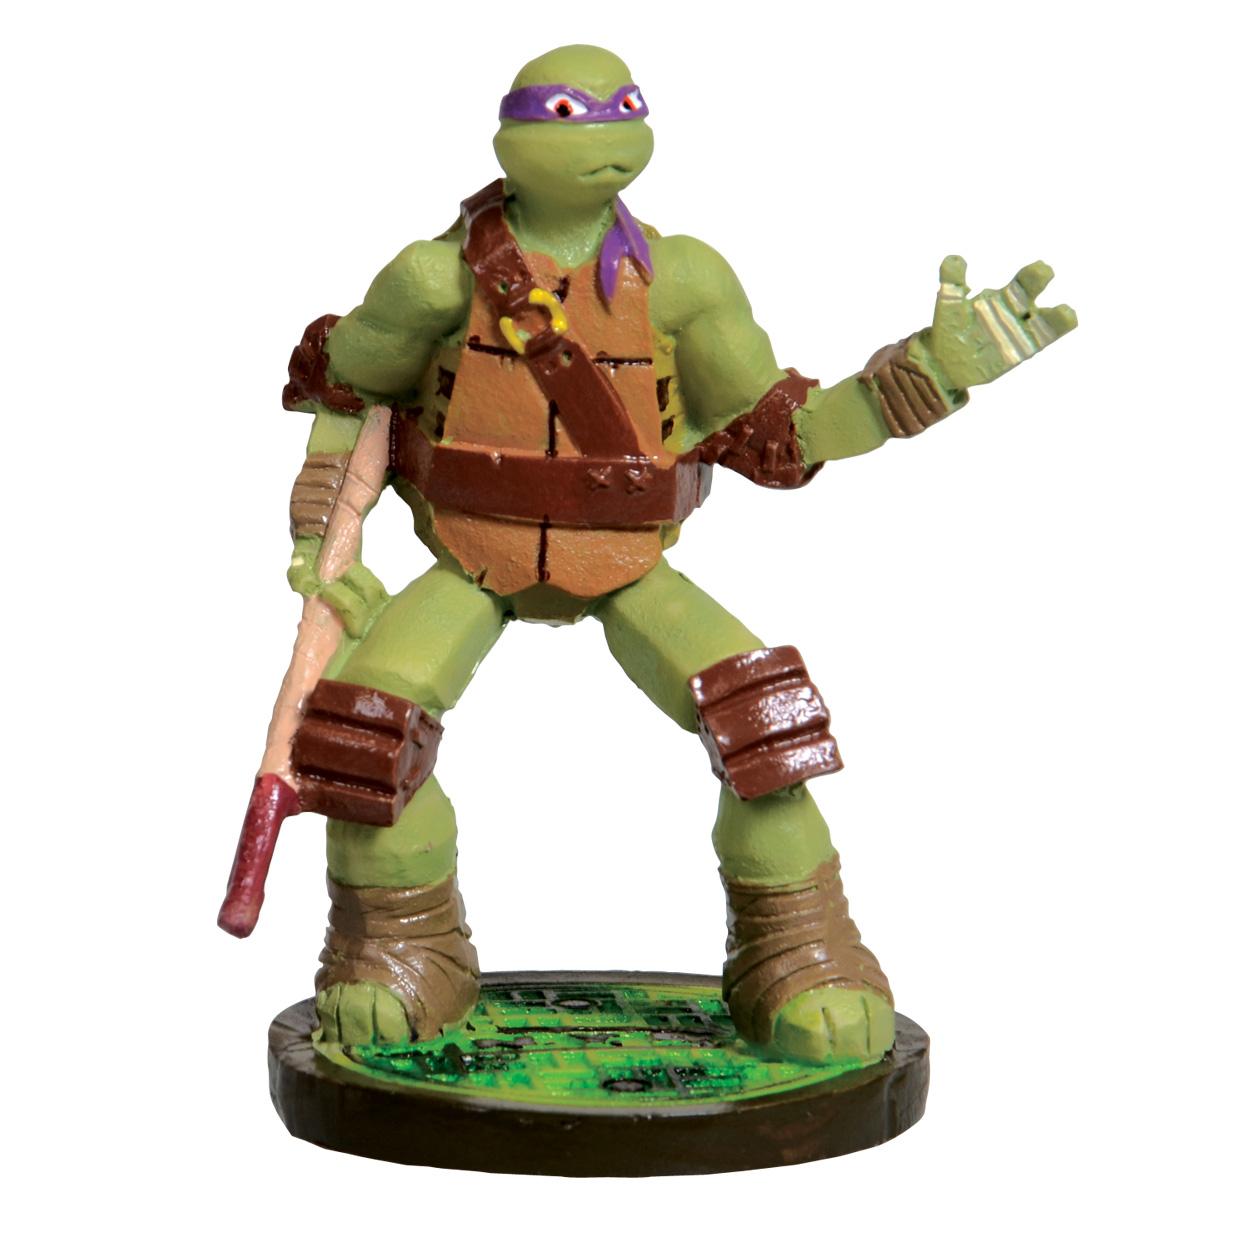 Penn Plax Teenage Mutant Ninja Turtles Donatello 5389